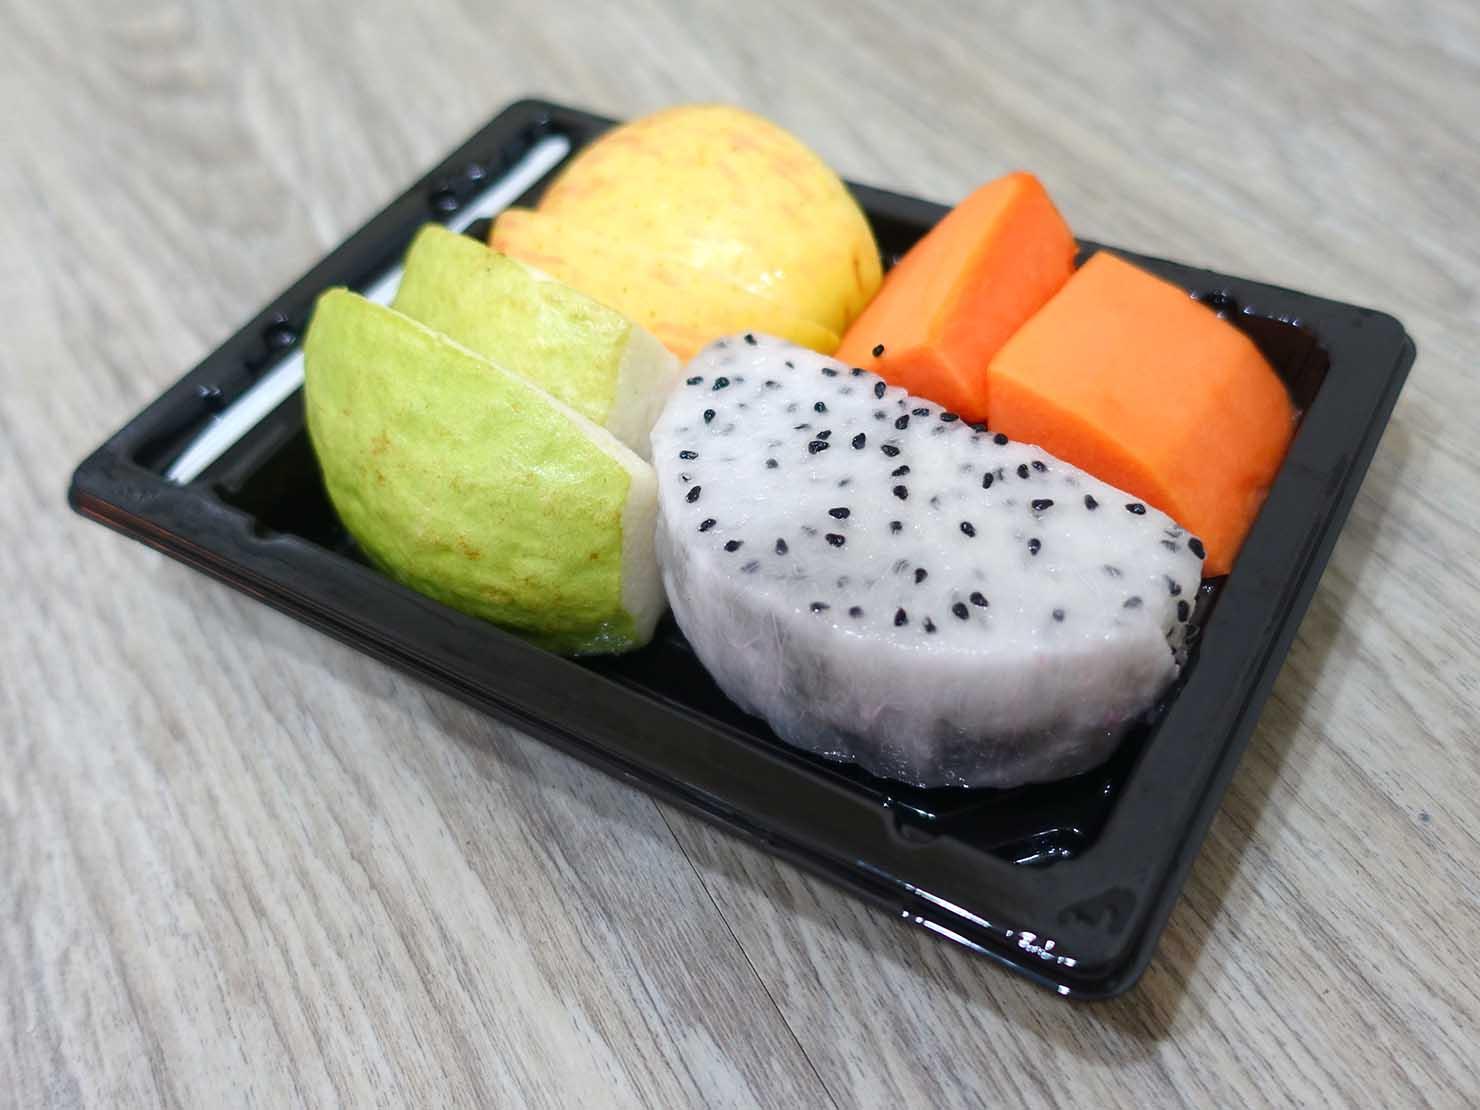 台湾のコンビニでよく食べているおやつ「綜合水果(フルーツ詰め合わせ)」